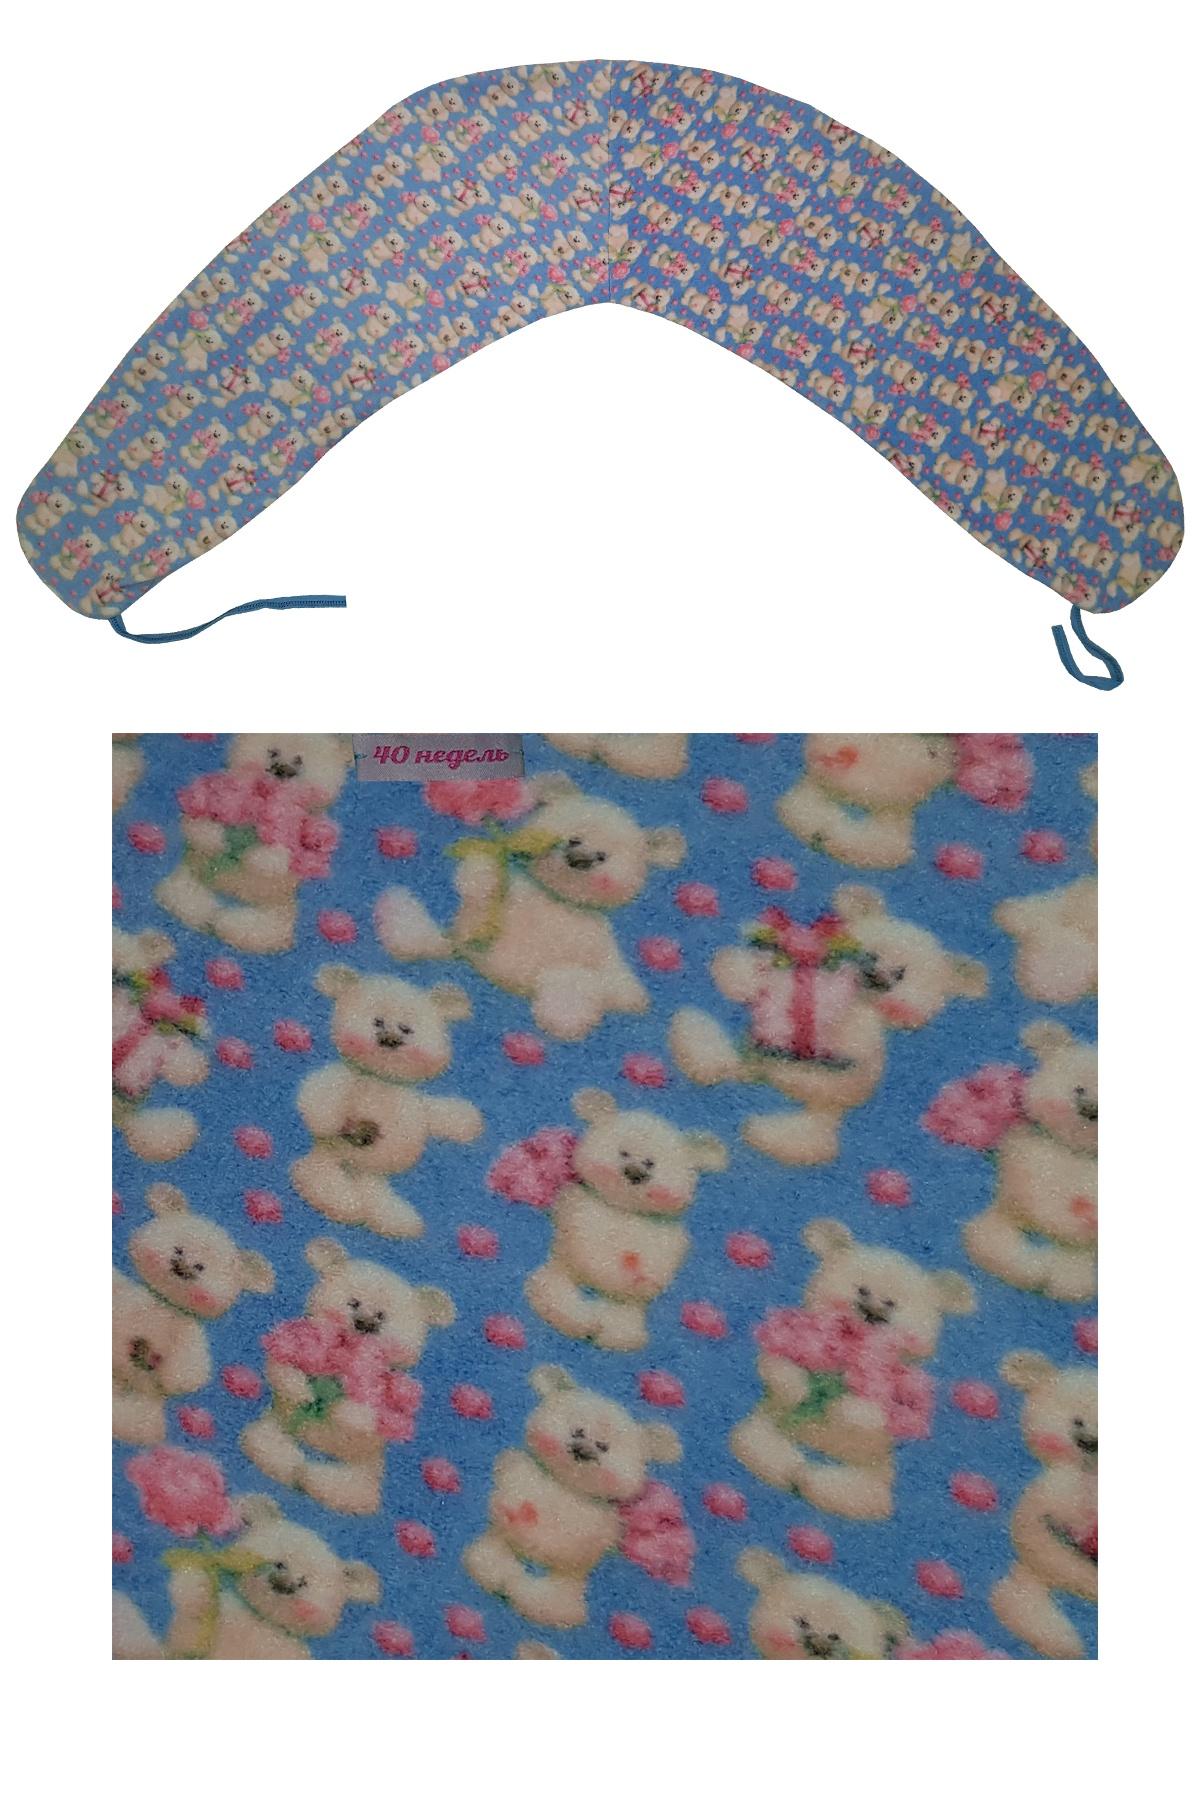 Наволочка ООО 40 недель на подушку для беременных, НБХФБ-8-170, голубой, бежевый, 30*170 см theraline чехол для подушки для беременных 170 см цвет бежевый